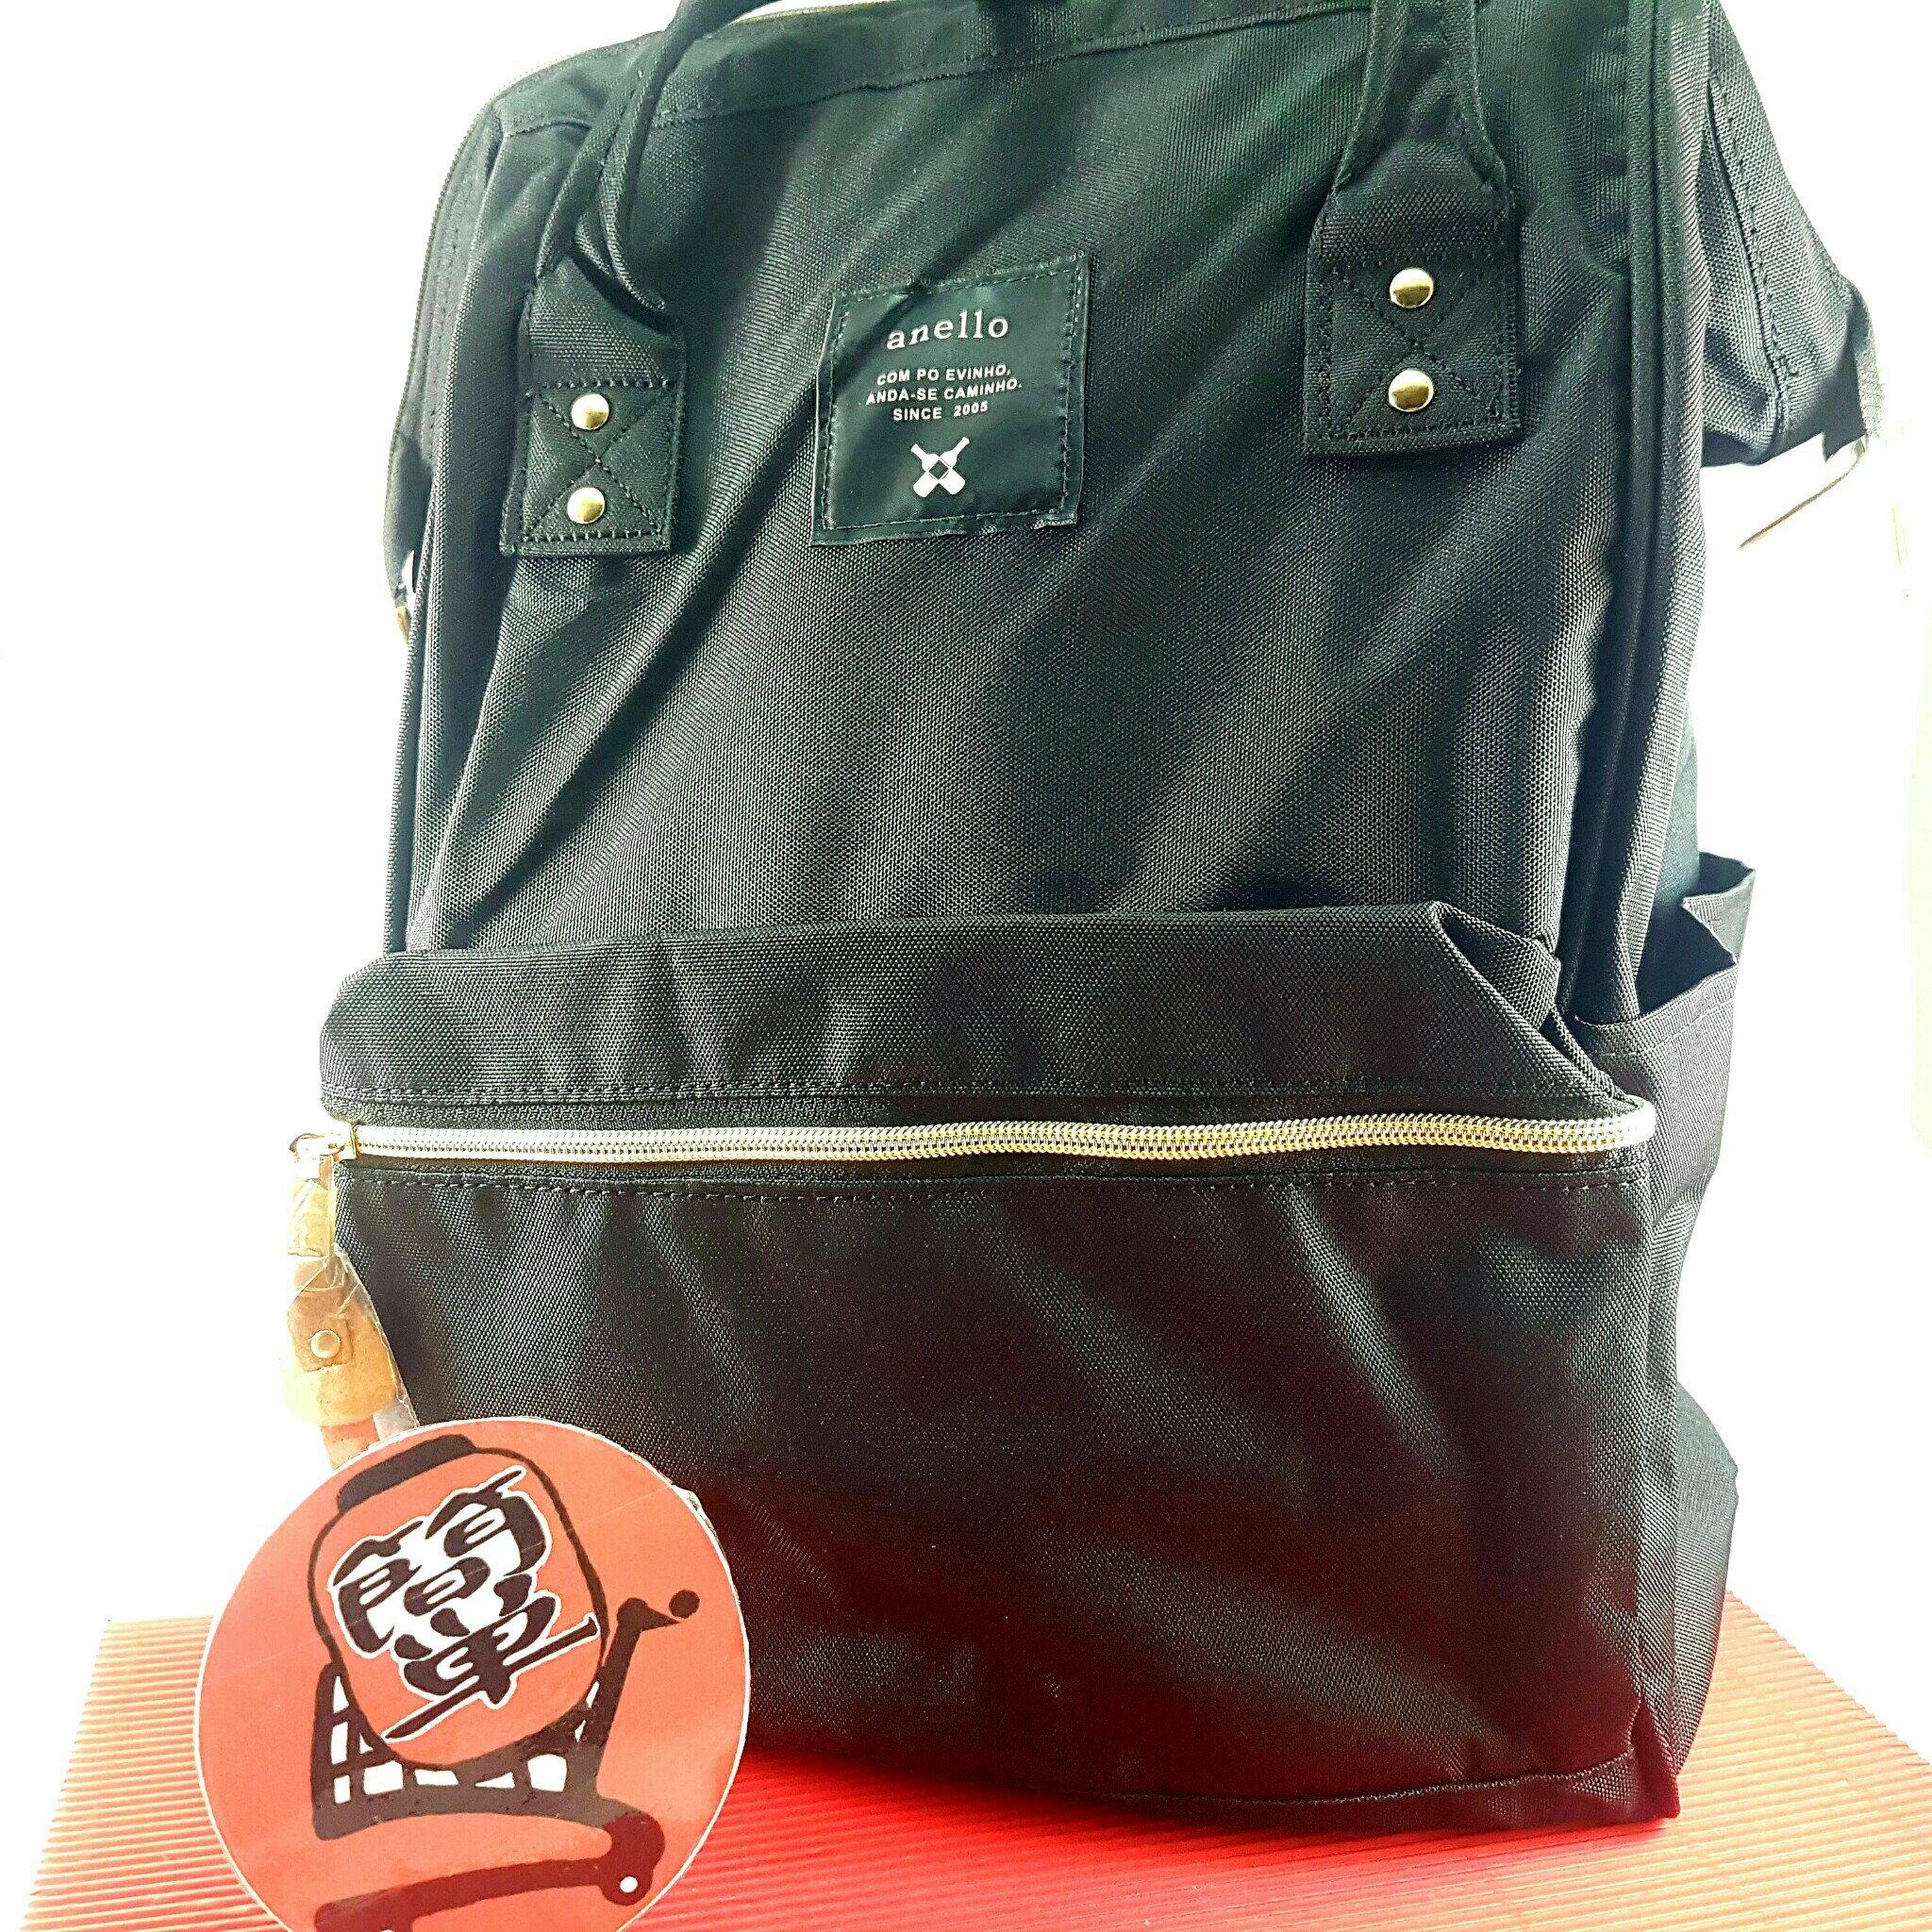 『簡?全球購』大尺寸 黑色 日本anello大開口後背包 2WAY手提包